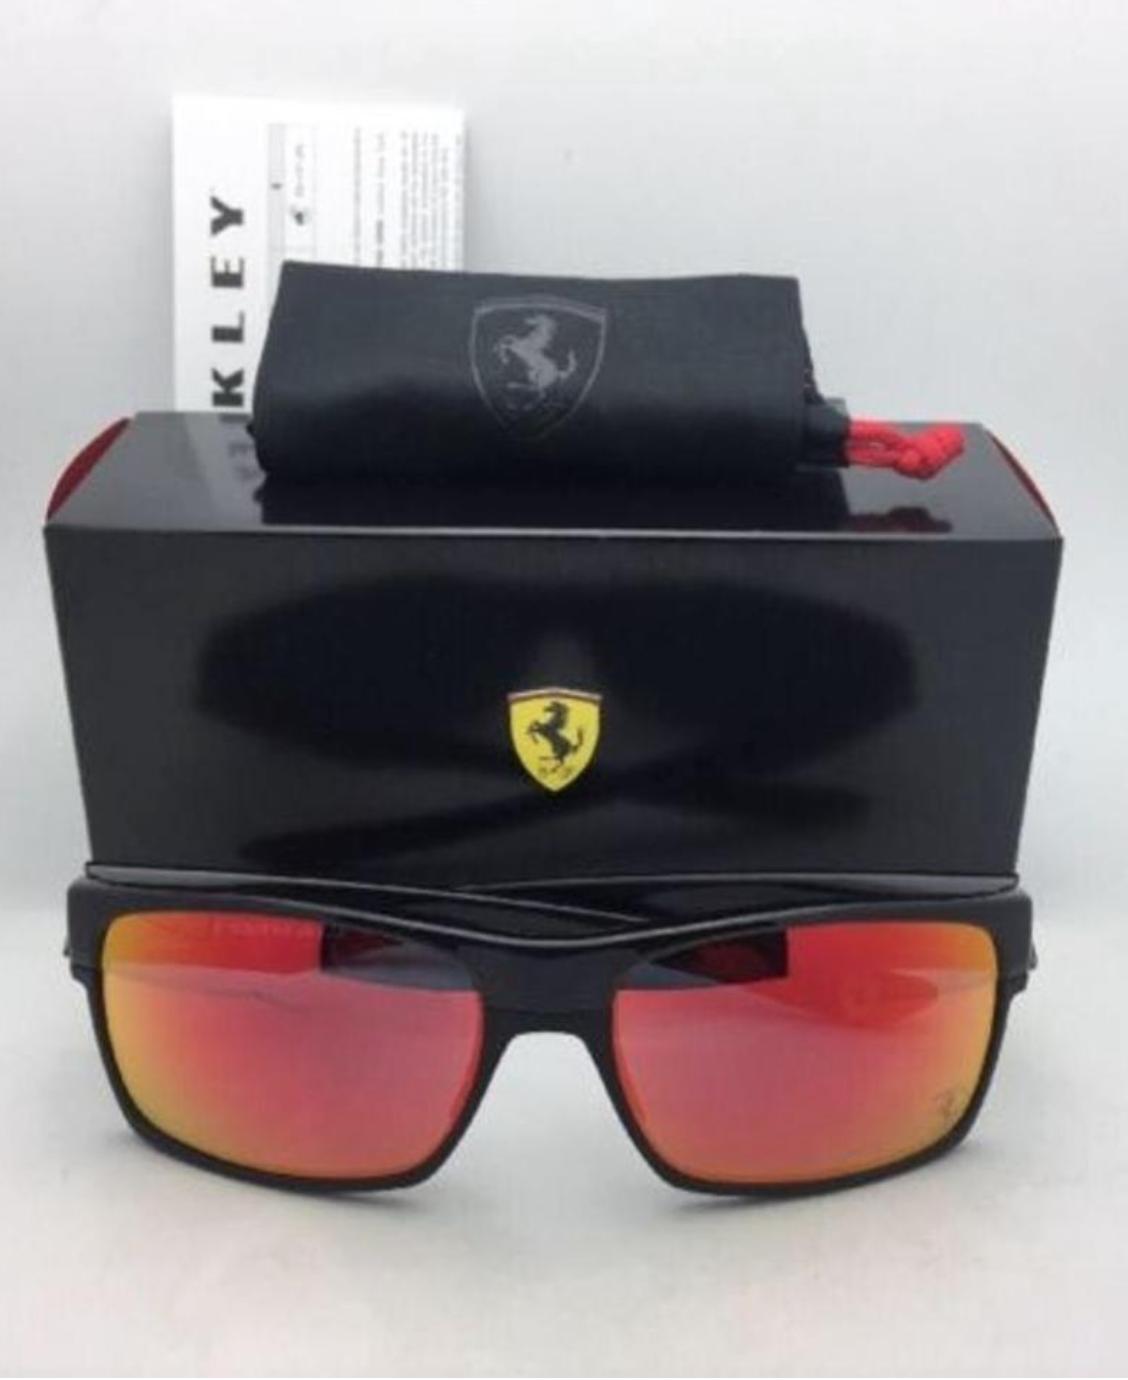 New OAKLEY Sunglasses Special Edition Scuderia Ferrari TWOFACE OO9189-36 Black